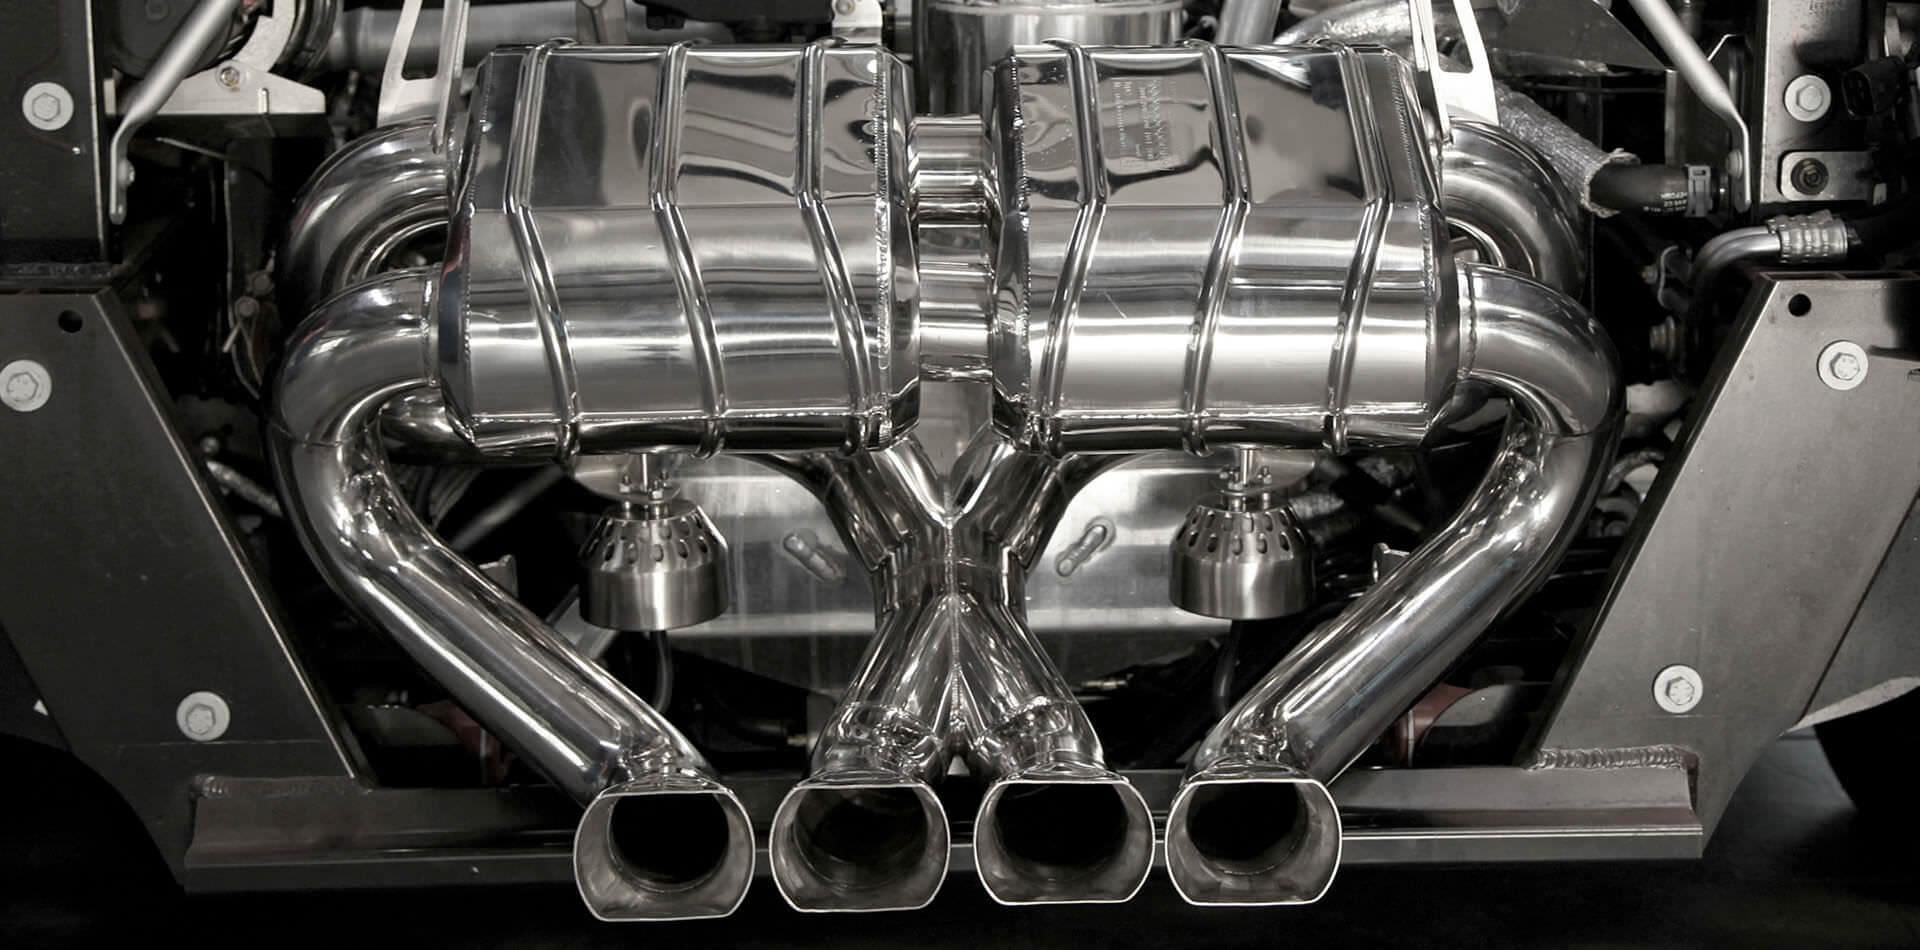 Lamborghini Aventador LP750-4 SV Auspuffanlage mit Klappensteuerung